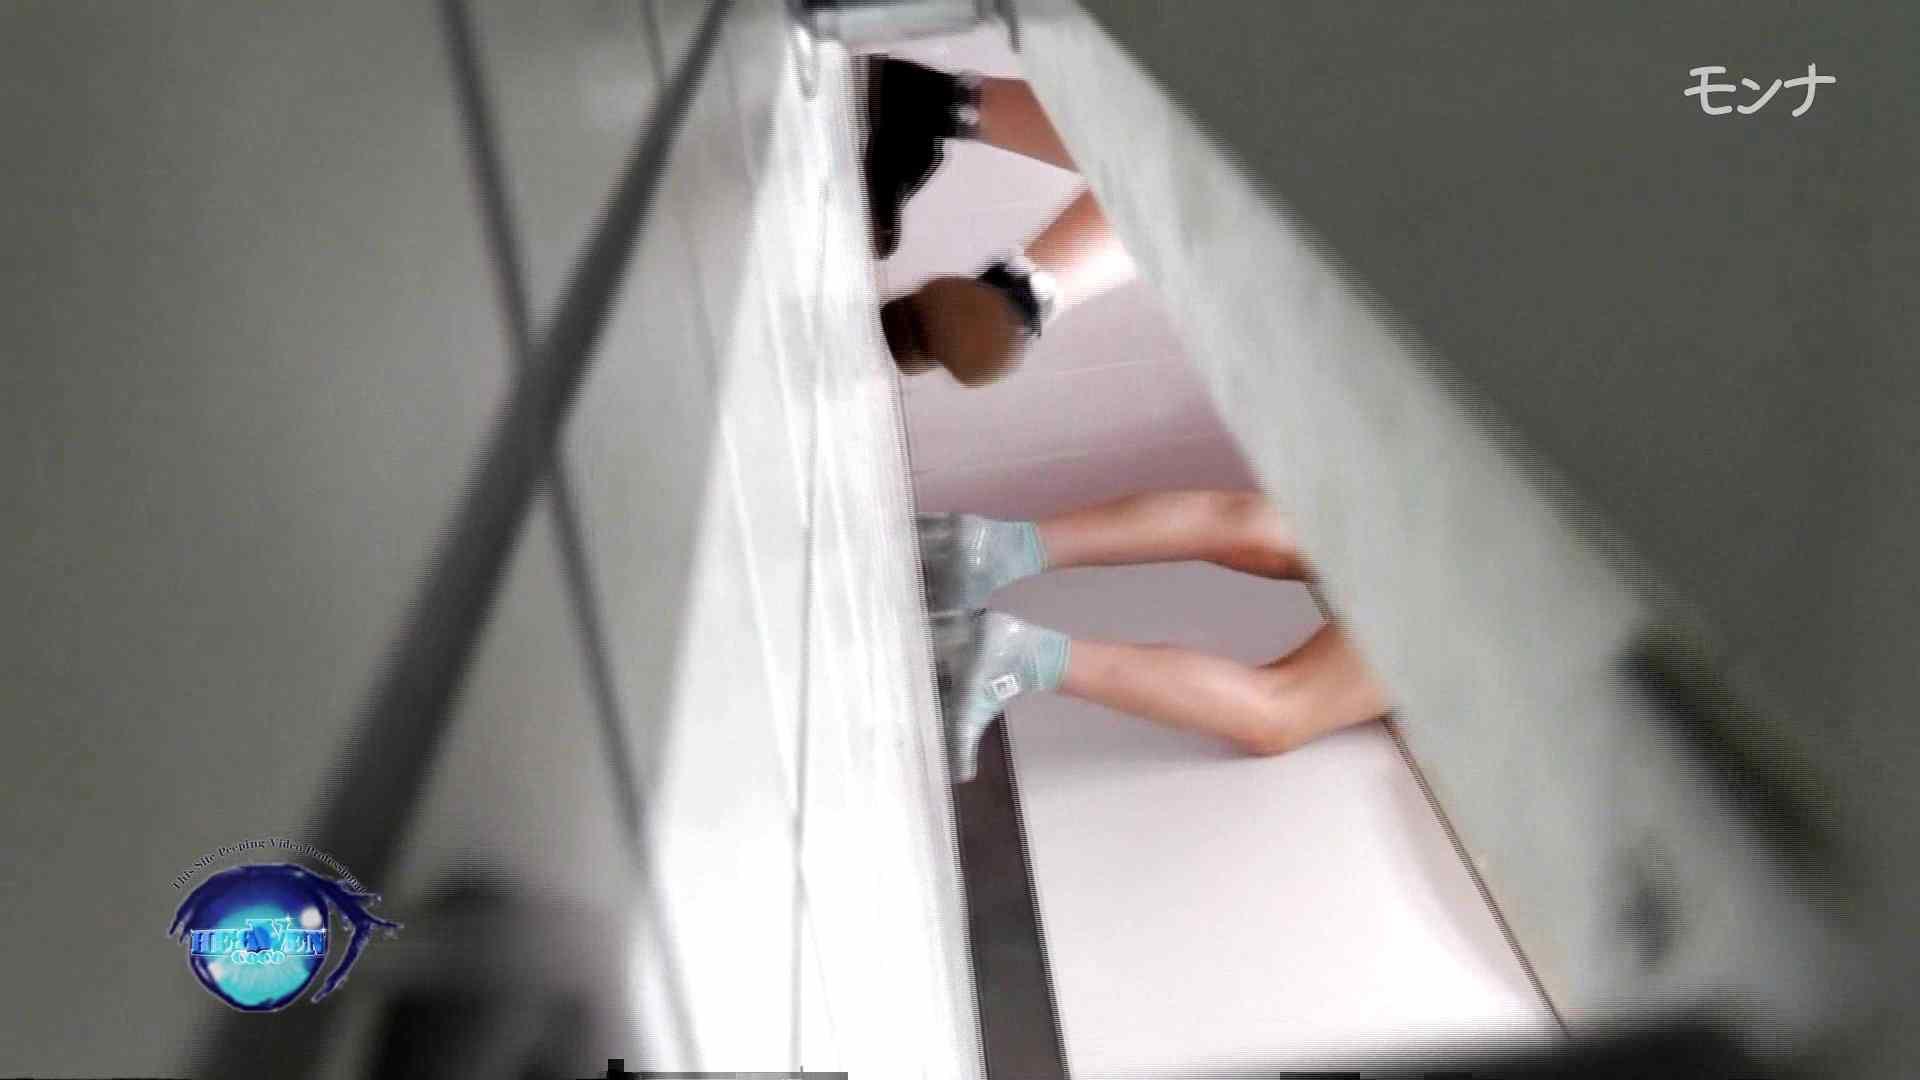 美しい日本の未来 No.96 後編 盗撮映像  85Pix 66